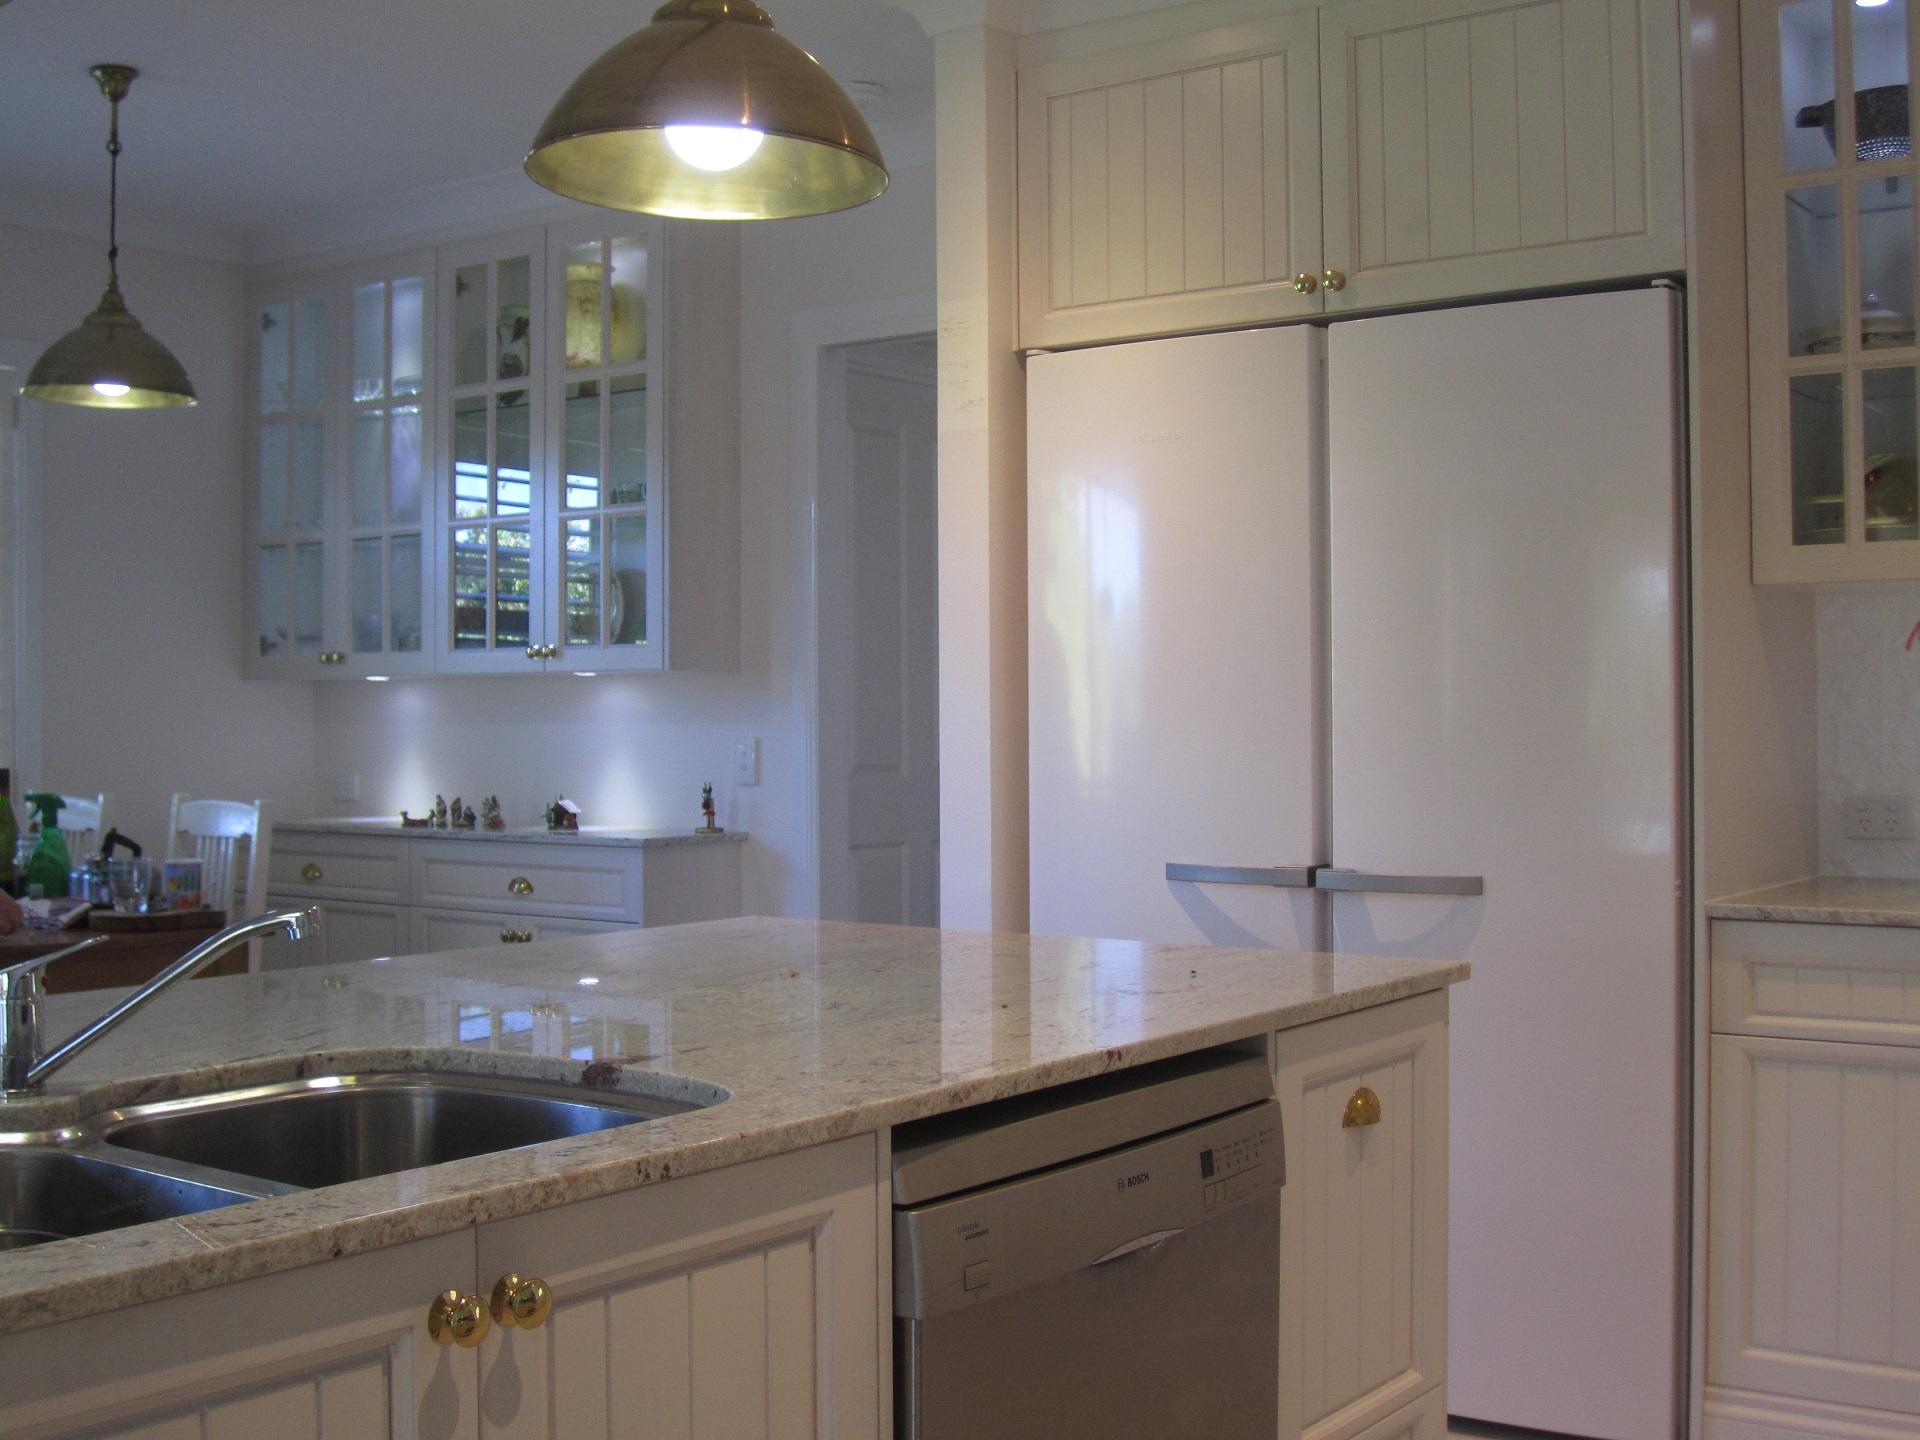 brisbane-kitchen-design-brookfield-shaker-vj-traditional-kitchen-4